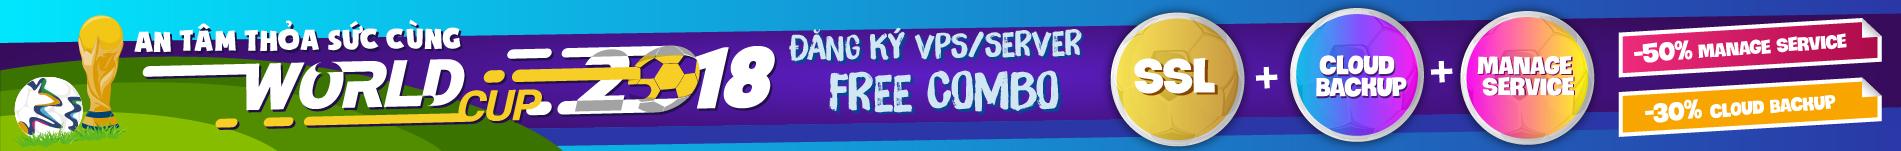 Thuê VPS Máy Chủ Ảo Linux Windows Giá Rẻ chỉ 162K/Tháng